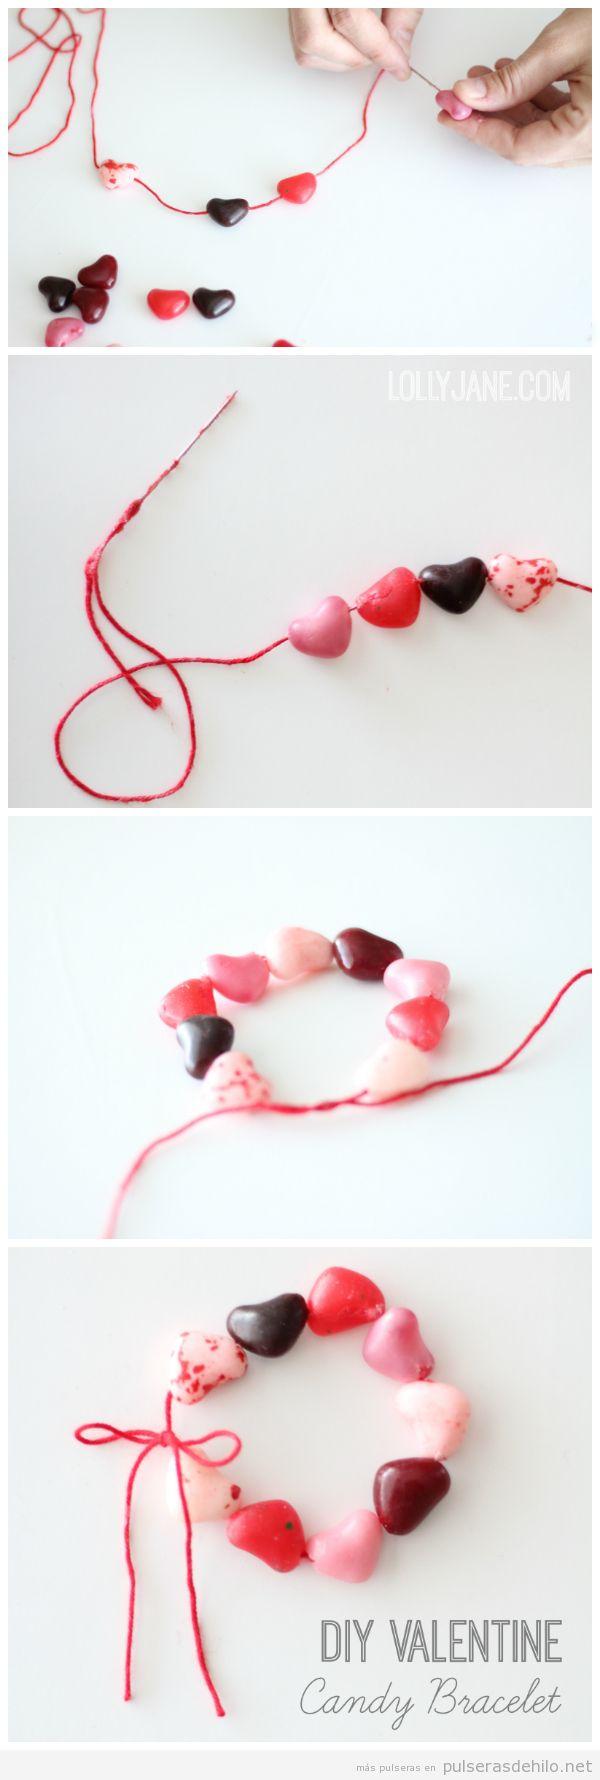 Pulsera caramelos forma corazón para regalar en San Valentín